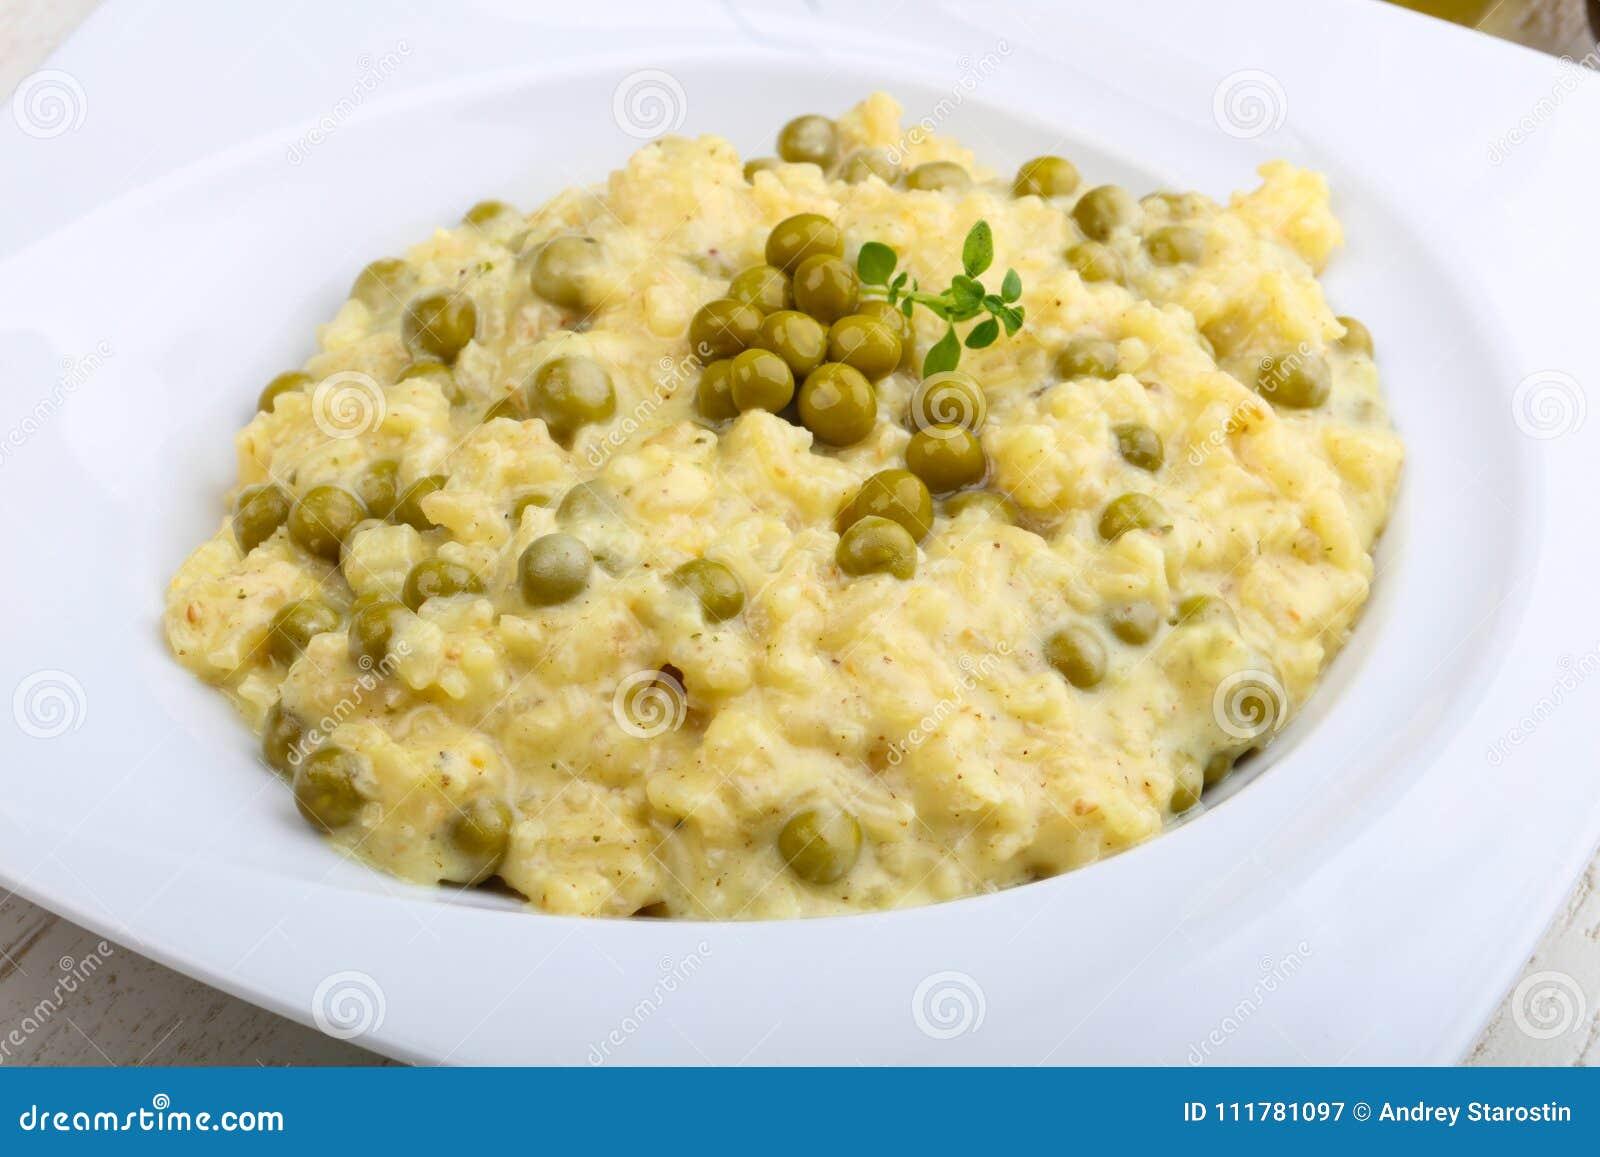 Risotto mit grünen Erbsen